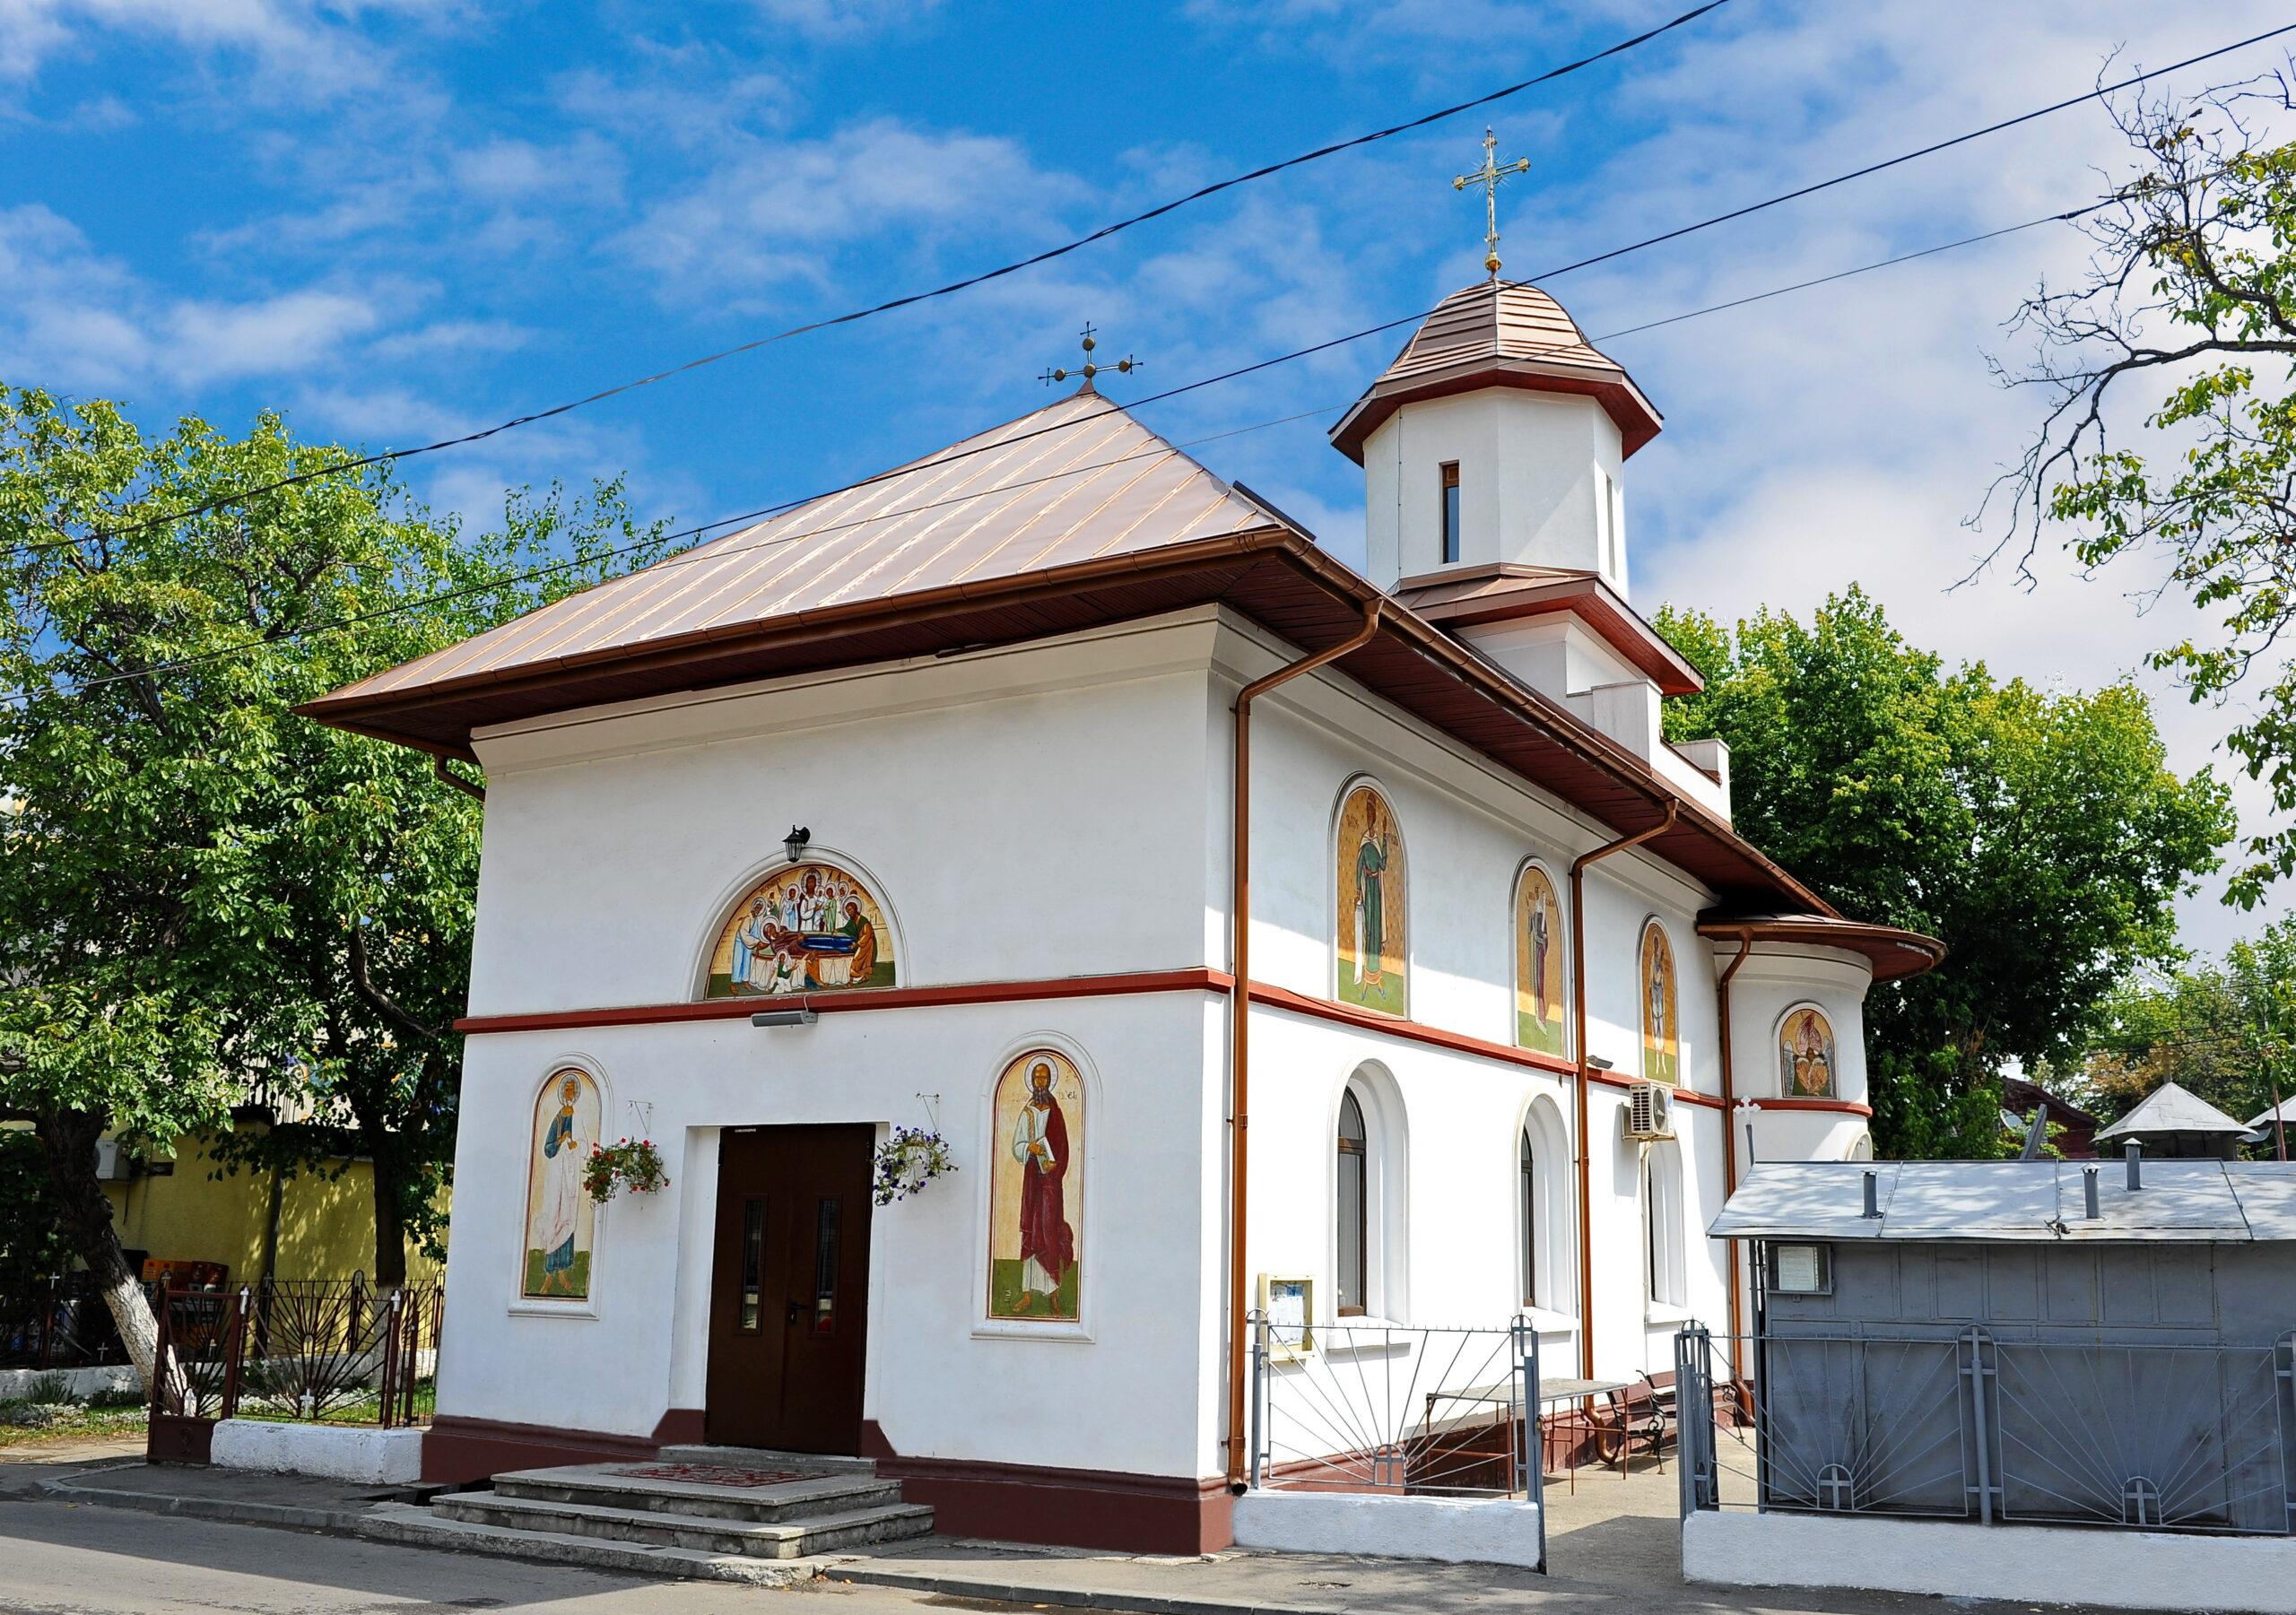 Călătorie duhovnicească în Giurgiu şi Ilfov